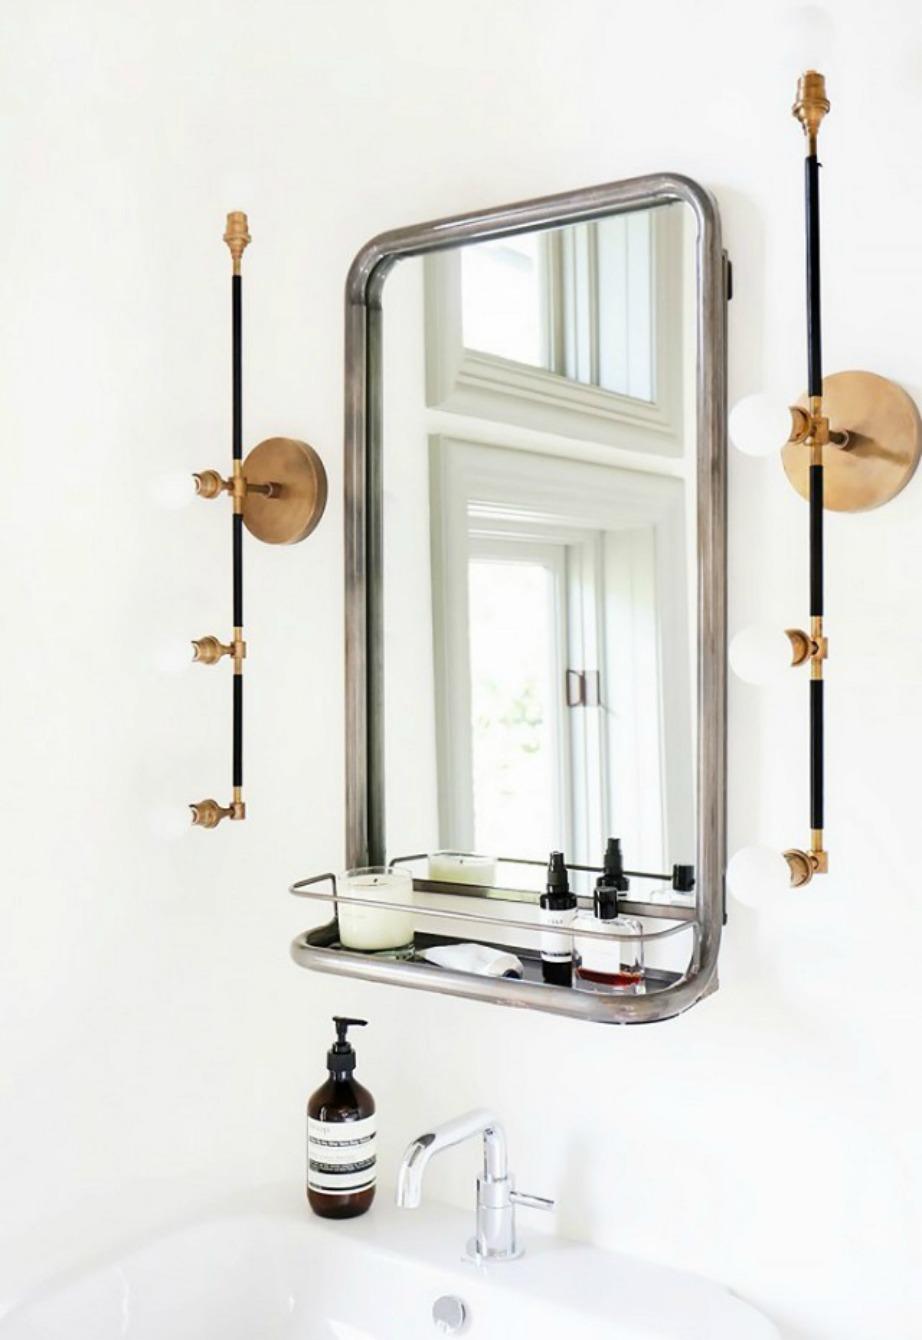 ιδέες ανακαίνισης για το μπάνιο